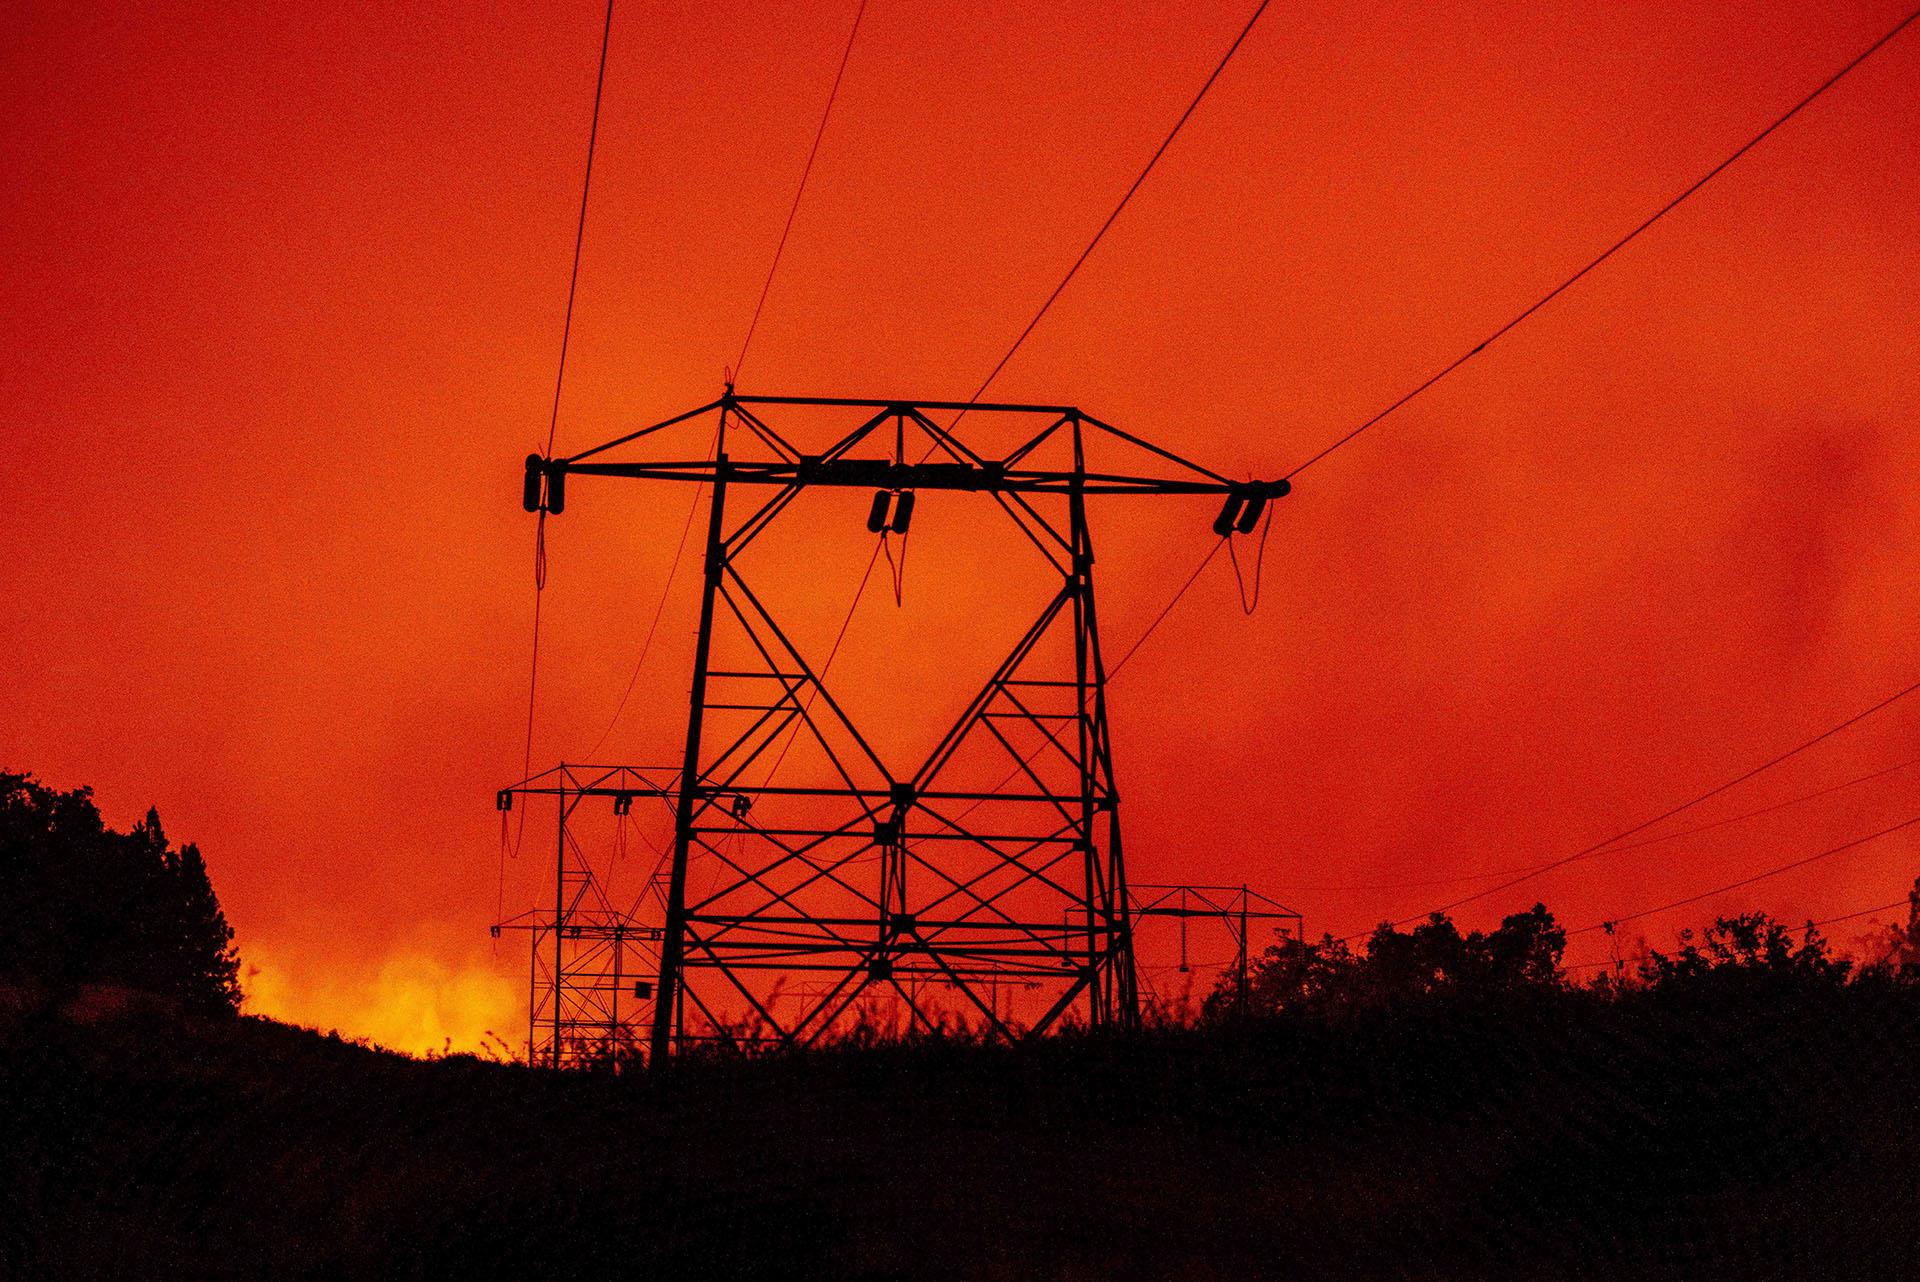 El incendio de Creek en el norte de California se ha extendido hasta ahora a 135.525 acres, destruyó 65 estructuras y está fuera de control, dijo el Departamento de Silvicultura y Protección contra Incendios de California (Cal Fire) en una actualización. (JOSH EDELSON / AFP)